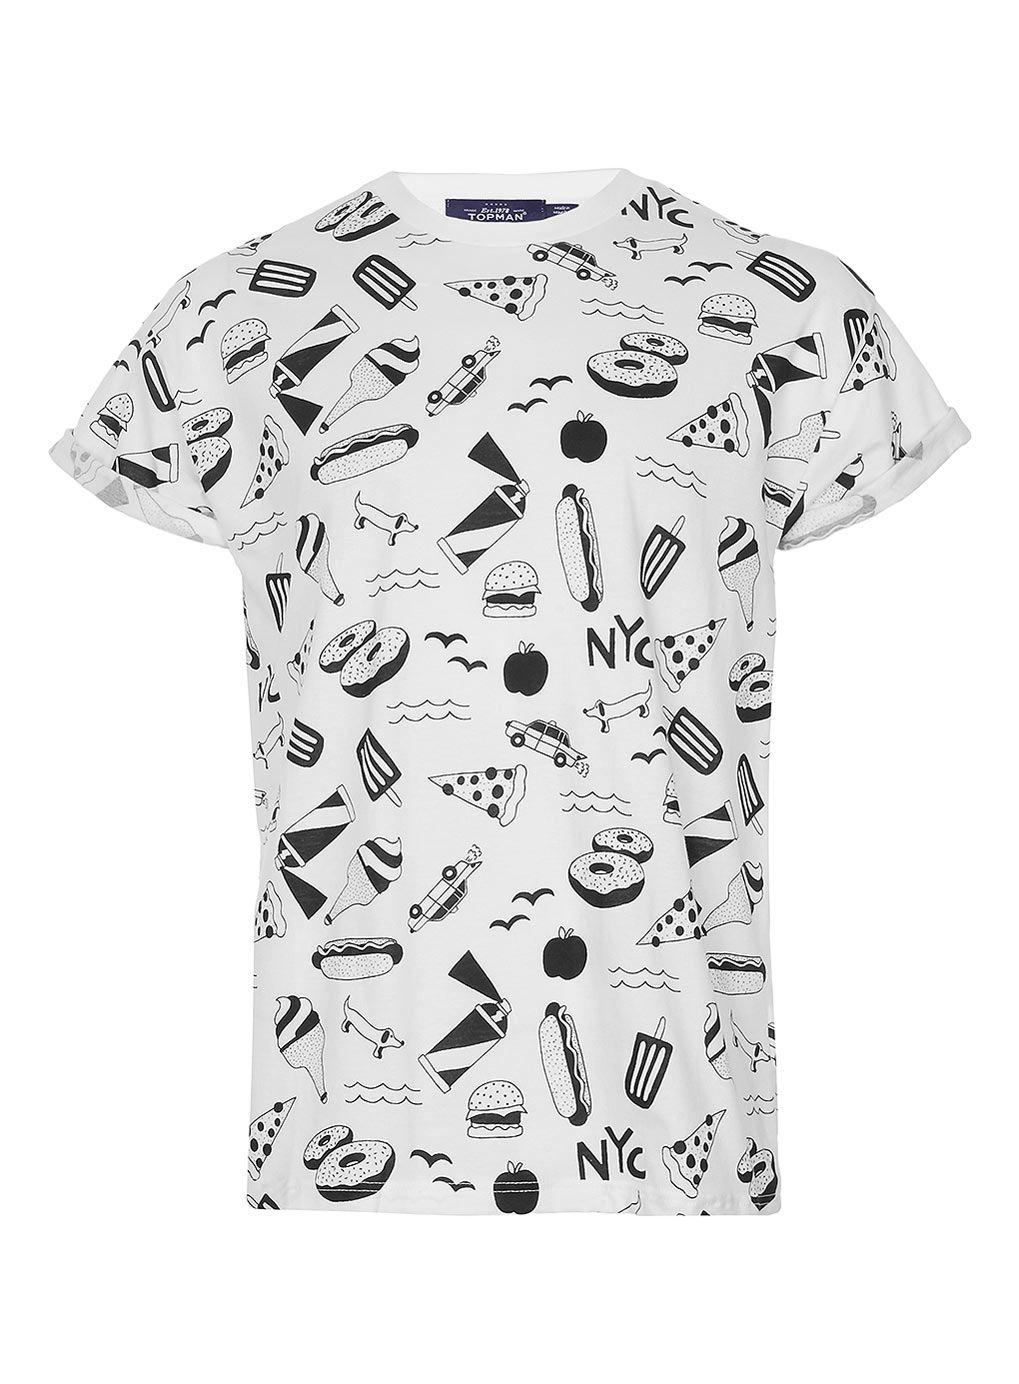 Black t shirt topman - Explore Mens Tees Shirt Men And More